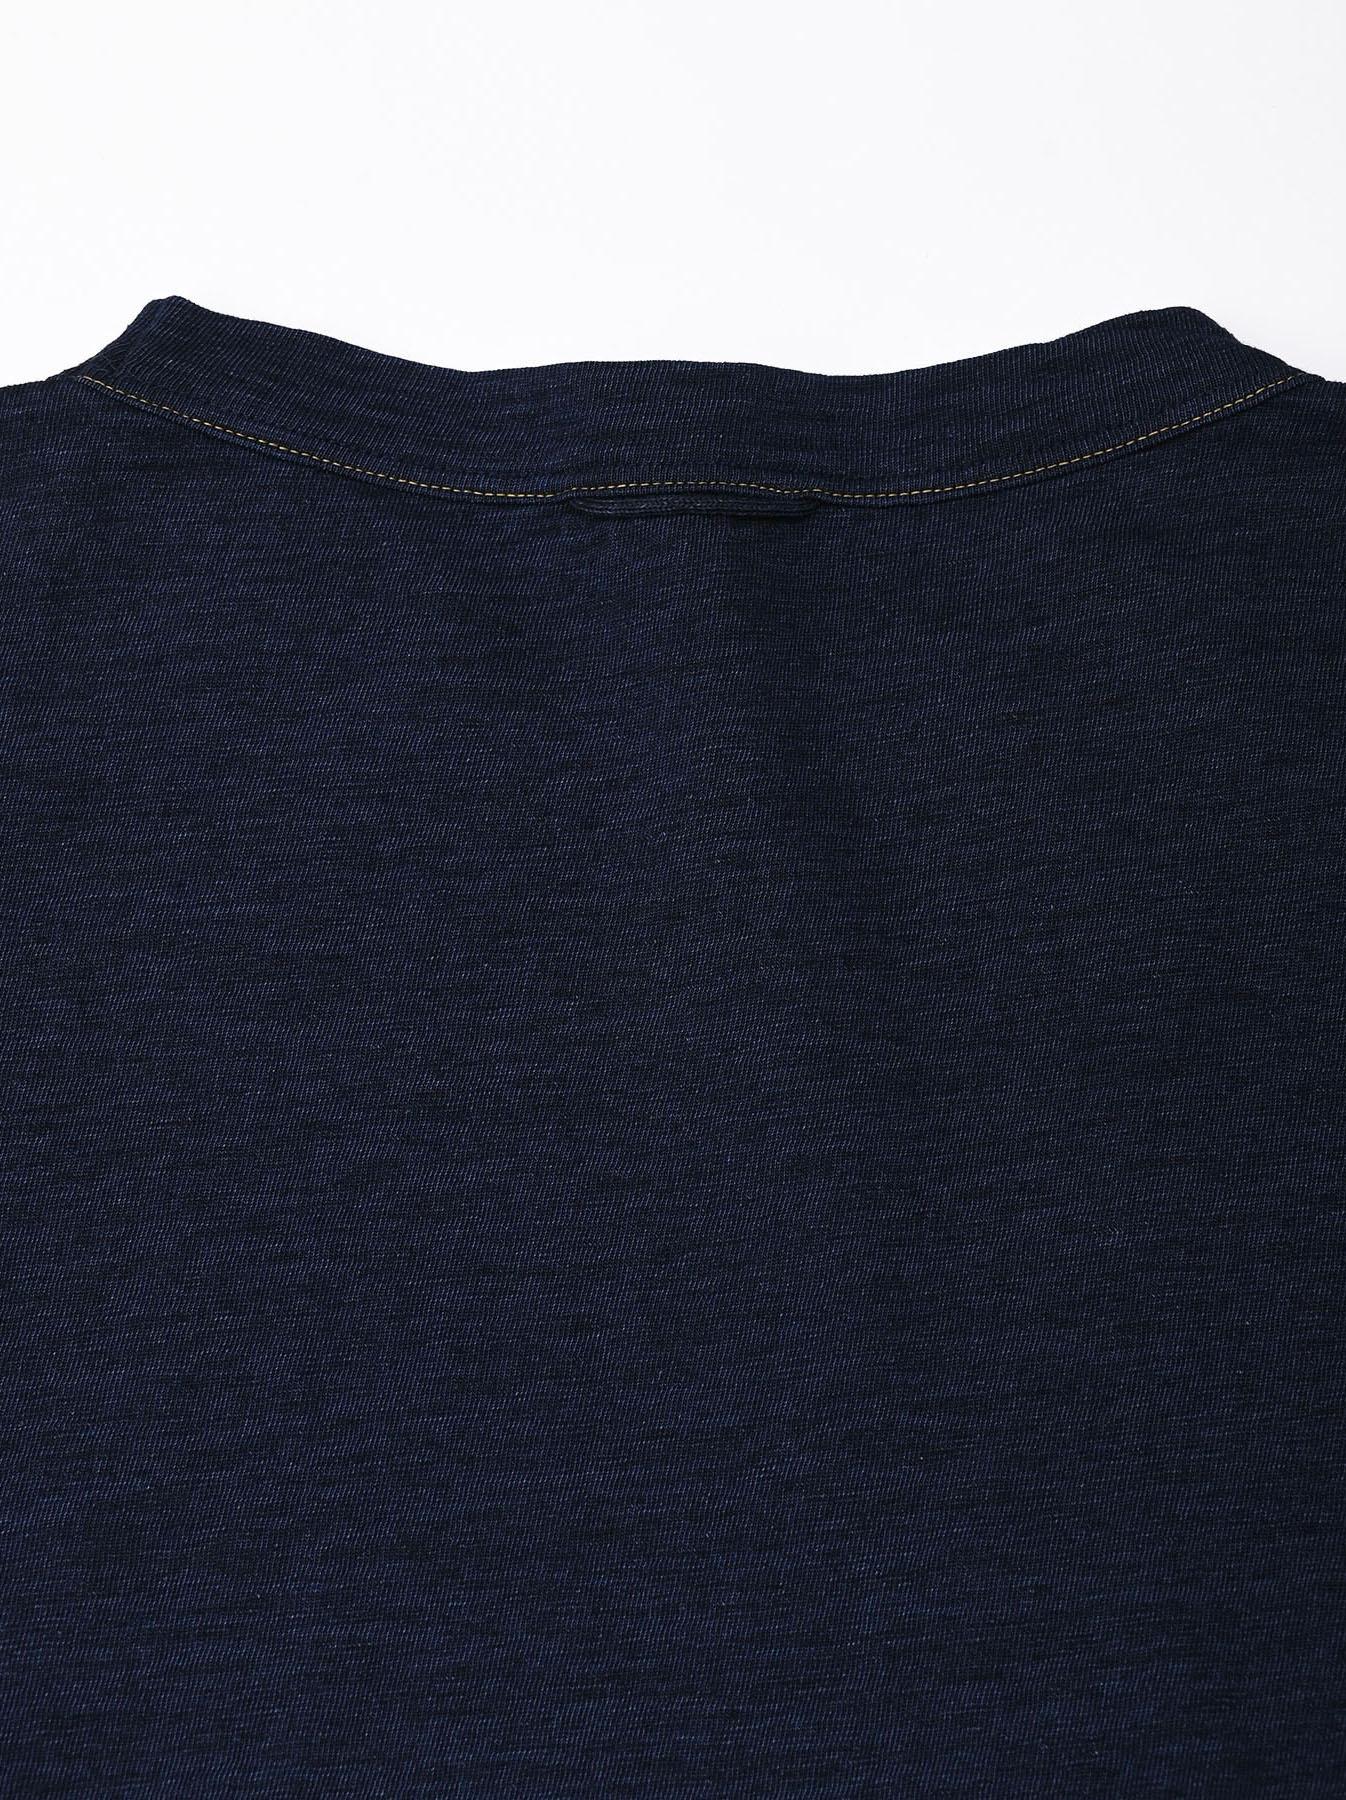 Indigo Nou Zimbabwe Cotton Big Slit T-shirt (0721)-8